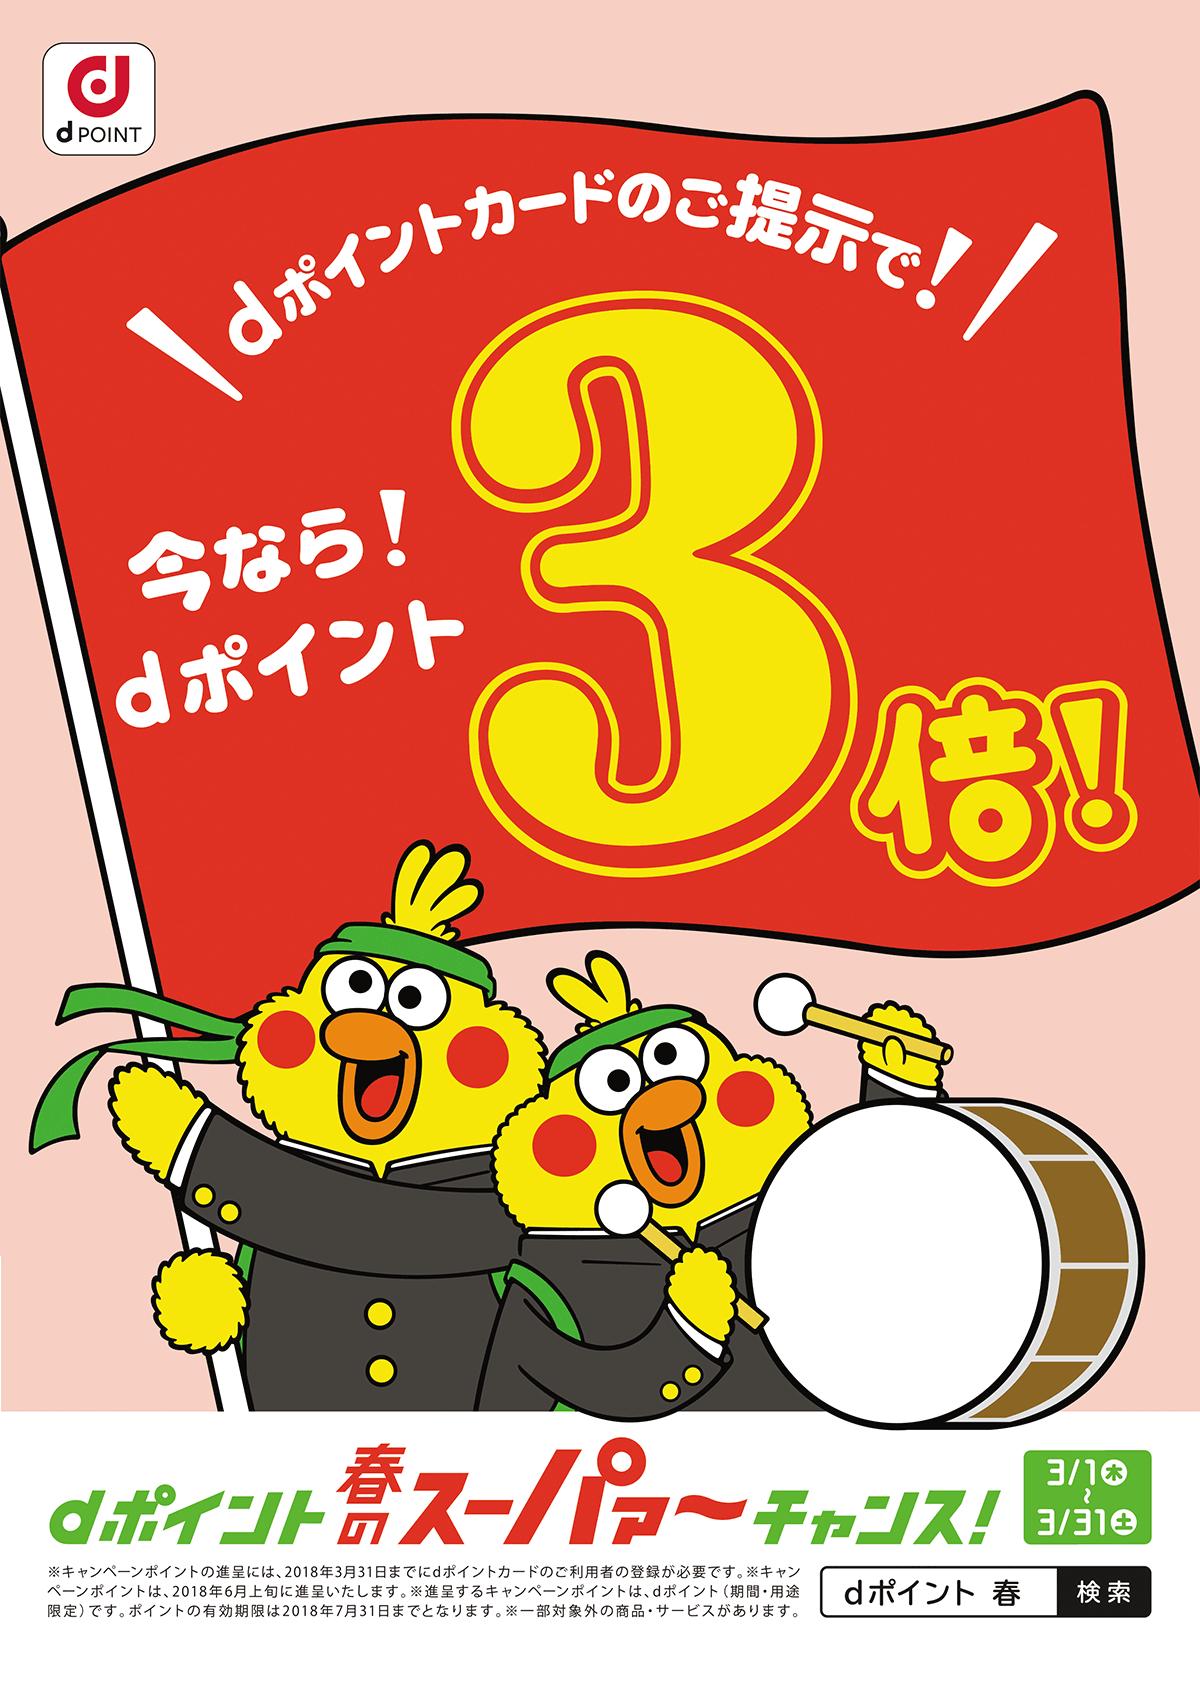 dポイント 春のスーパァ~チャンス!